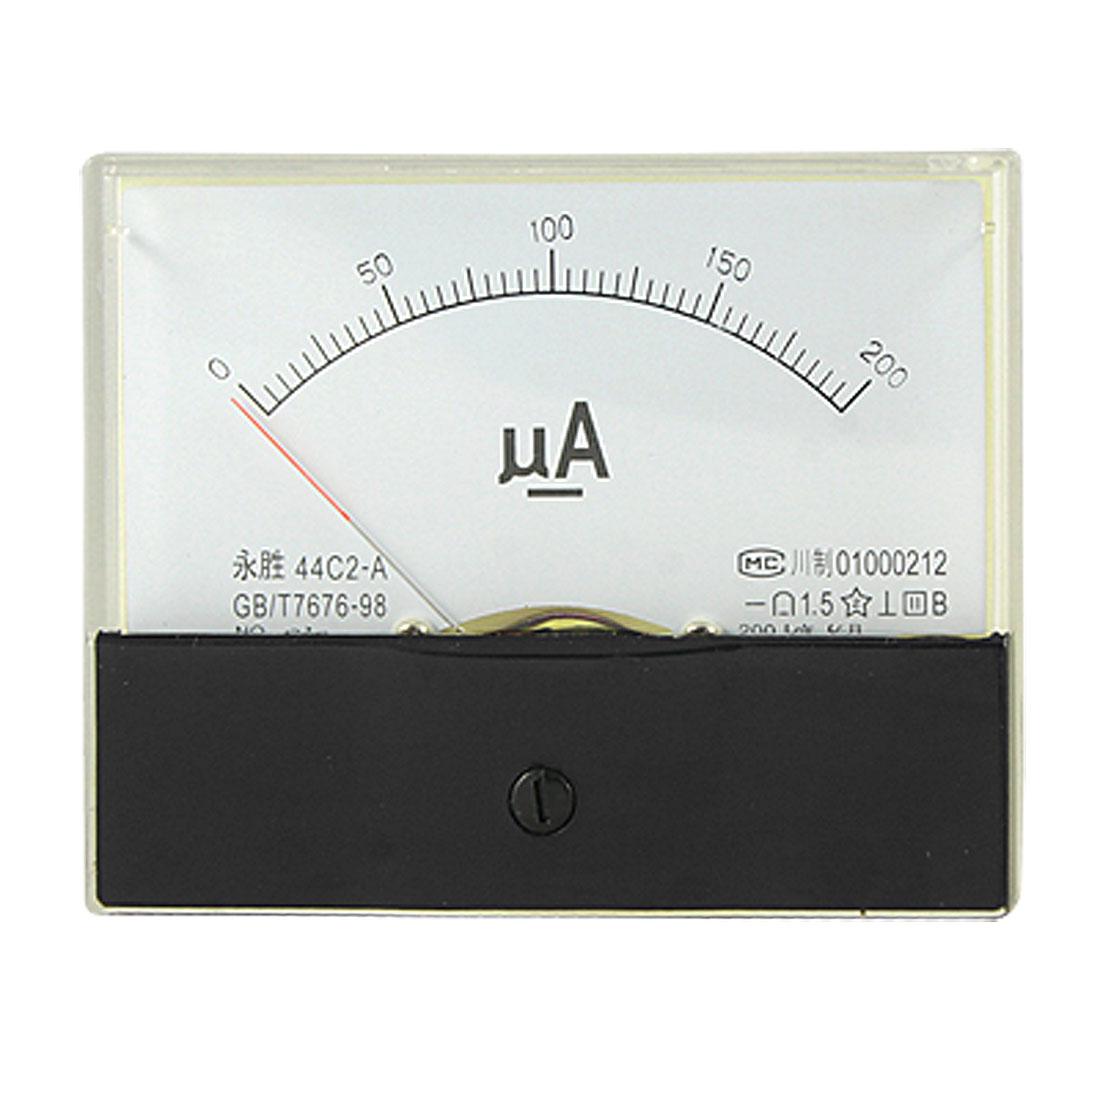 DC 0-200uA Current Analog Panel Meter Gauge Class 1.5